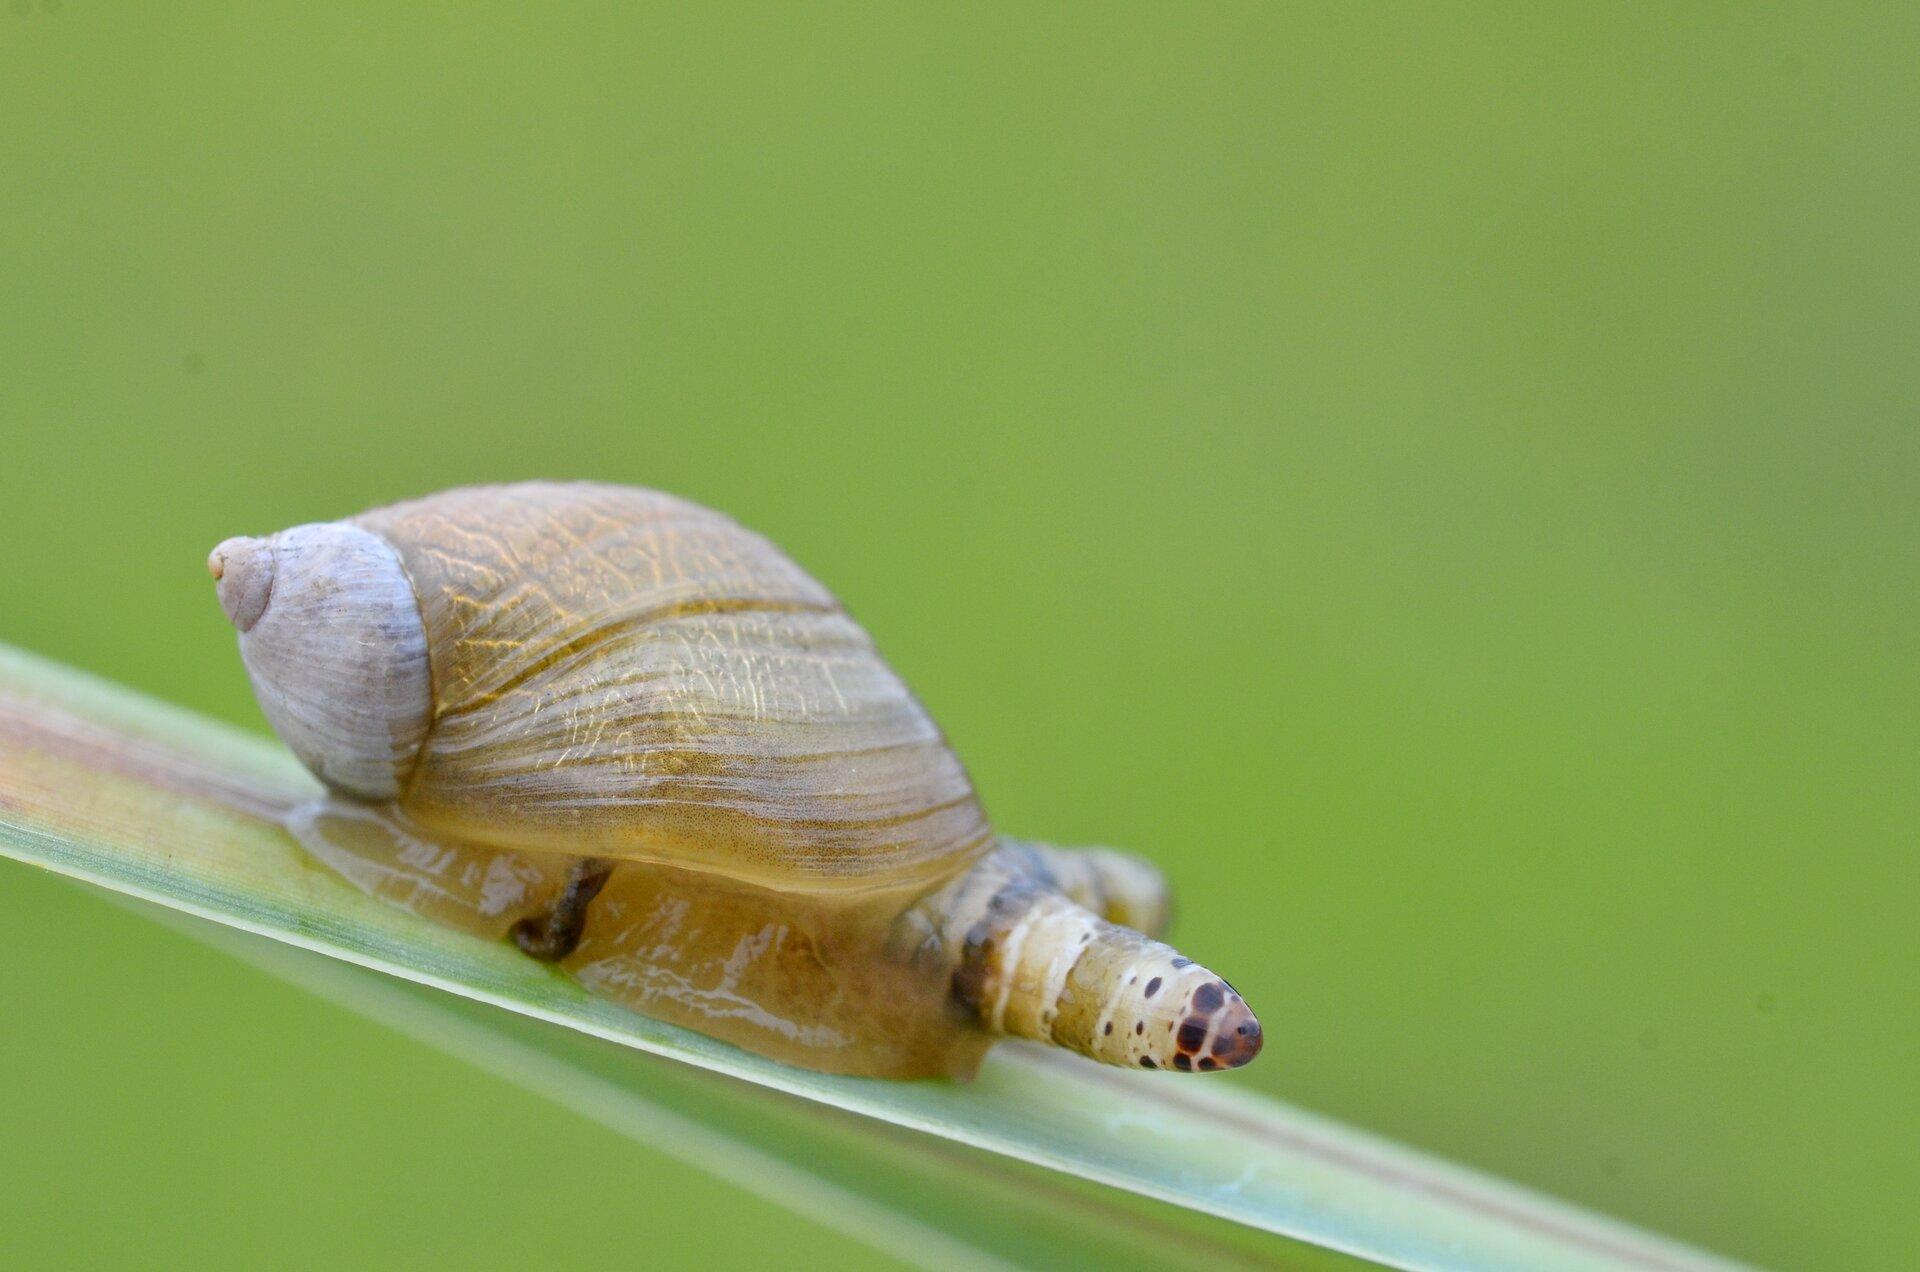 Fotografia przedstawia zbliżenie żółtego ślimaka bursztynki, pełznącego wprawo po liściu trawy. Jeden jego czułek jest bardzo gruby, wjasne paski ibrązowe plamki. Wtym czułku rozwija się przywra.